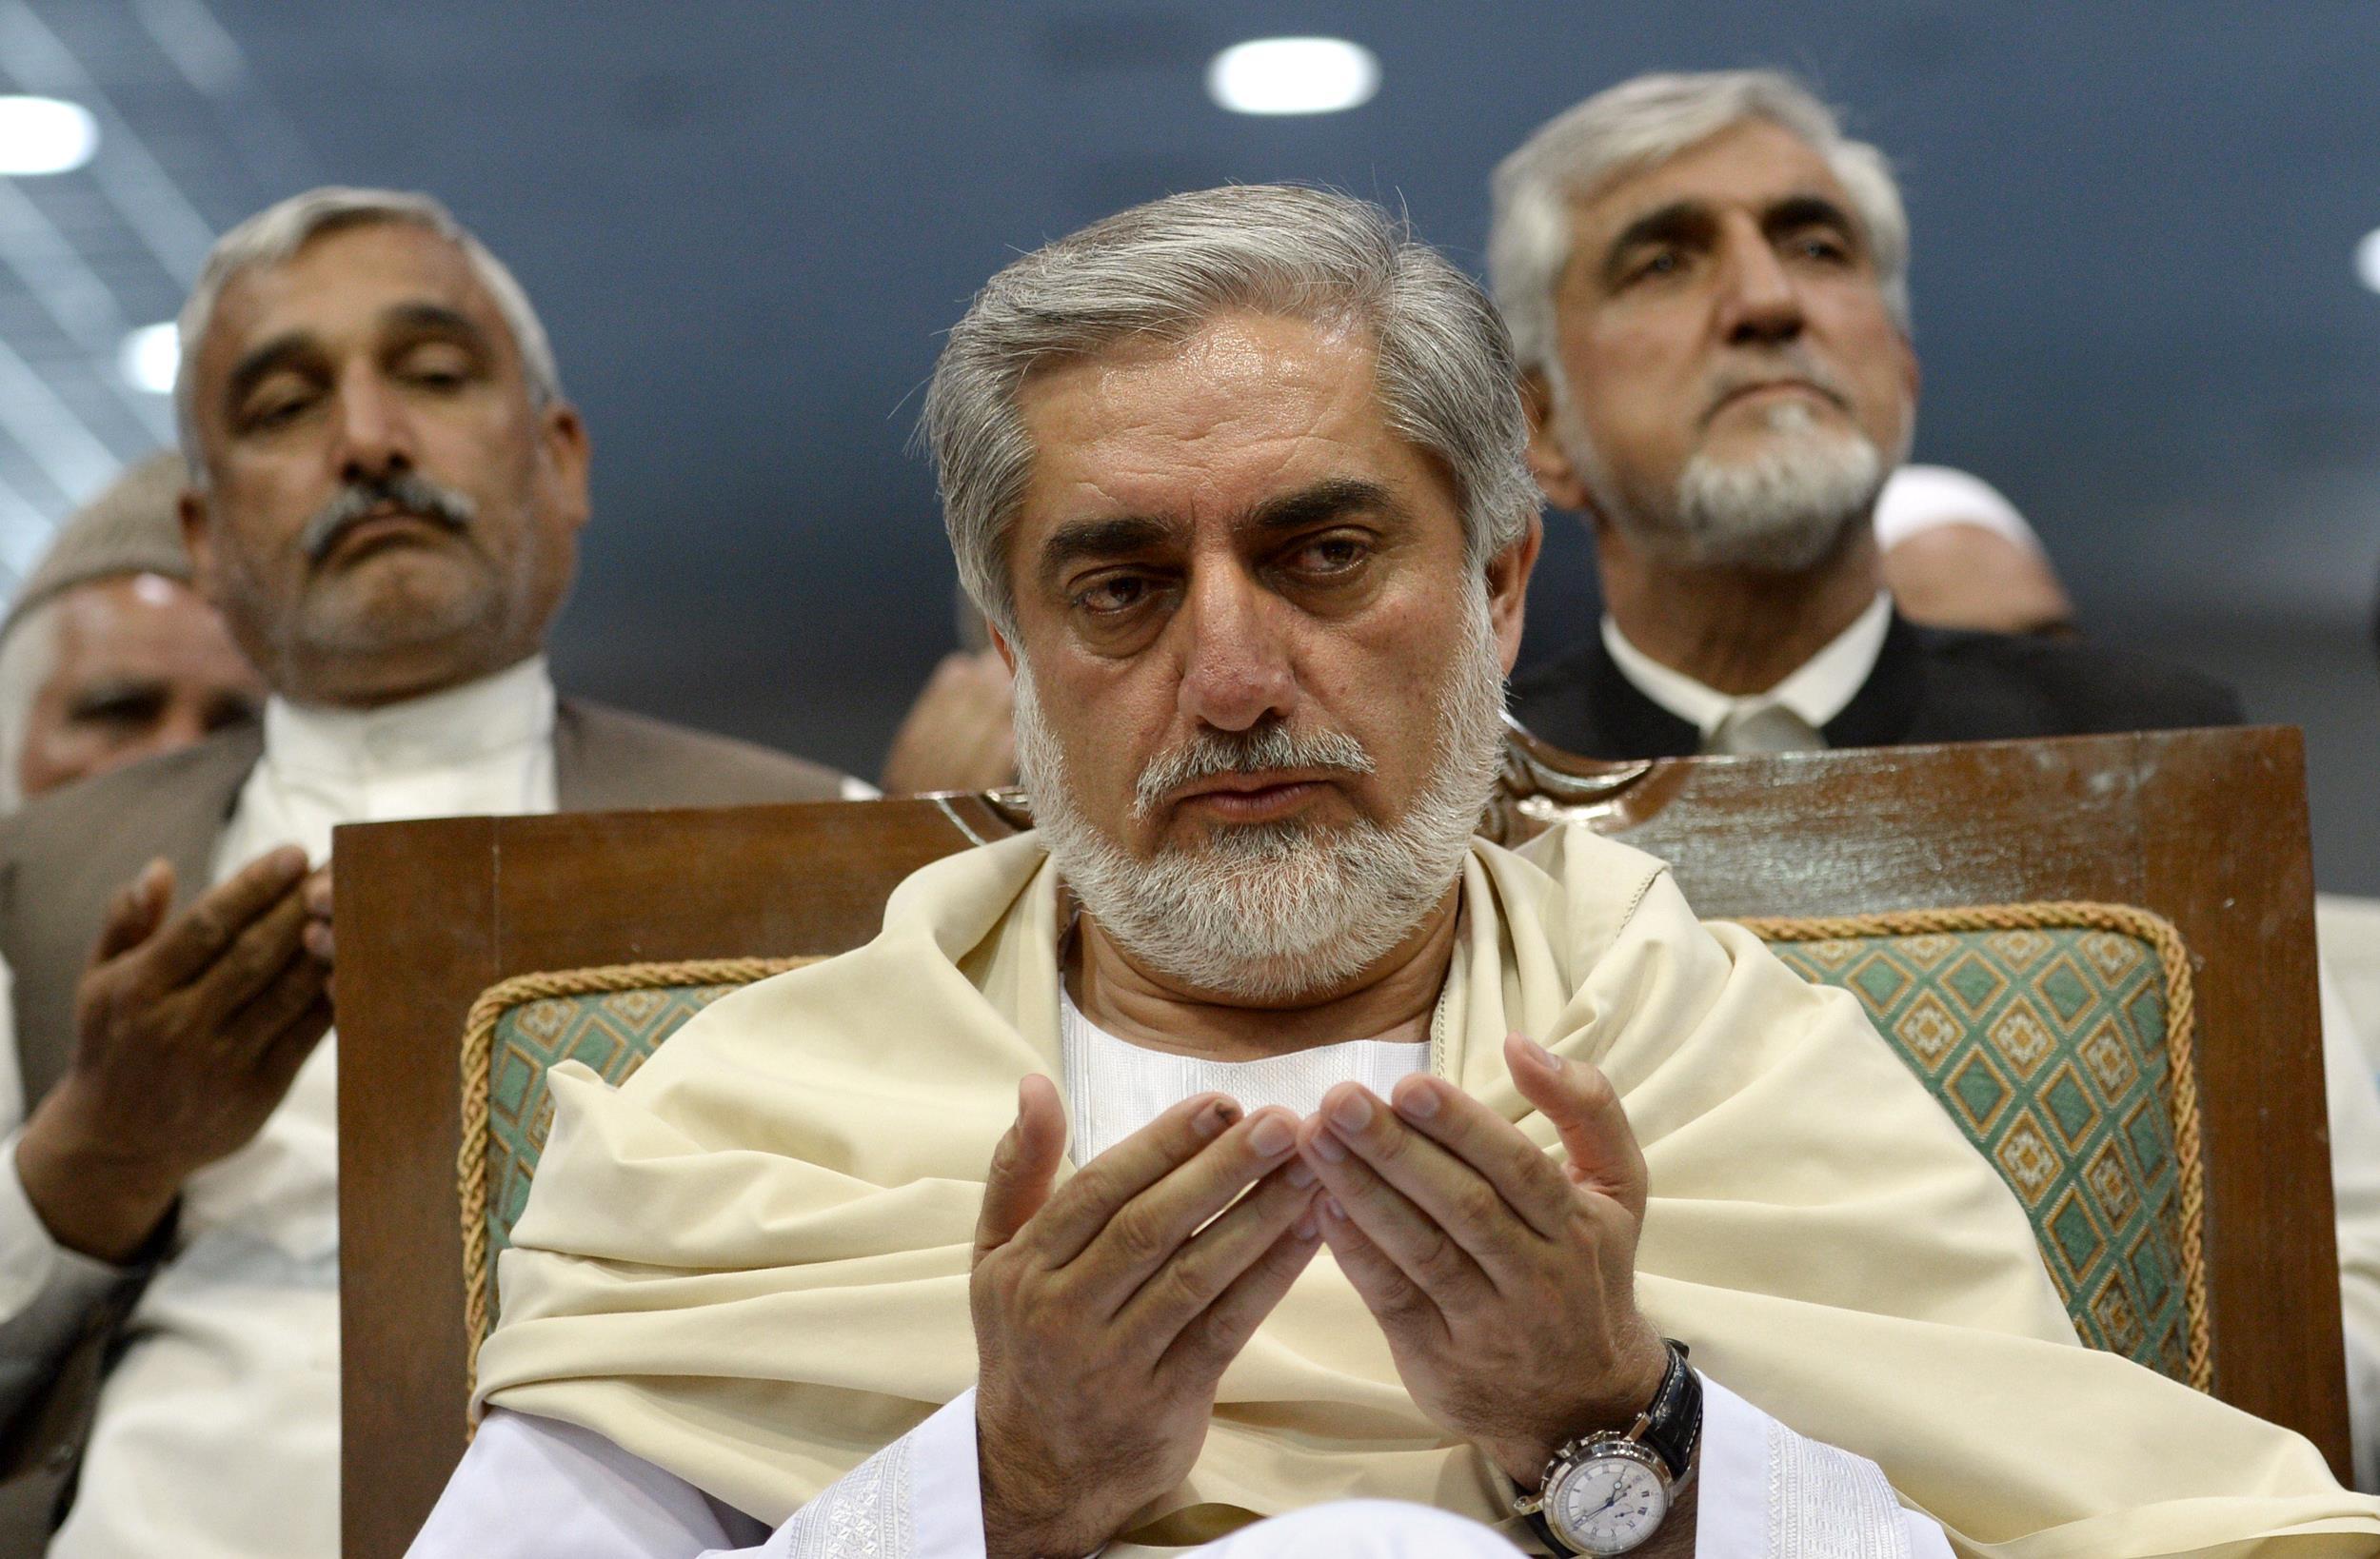 Image: Afghan presidential candidate Abdullah Abdullah